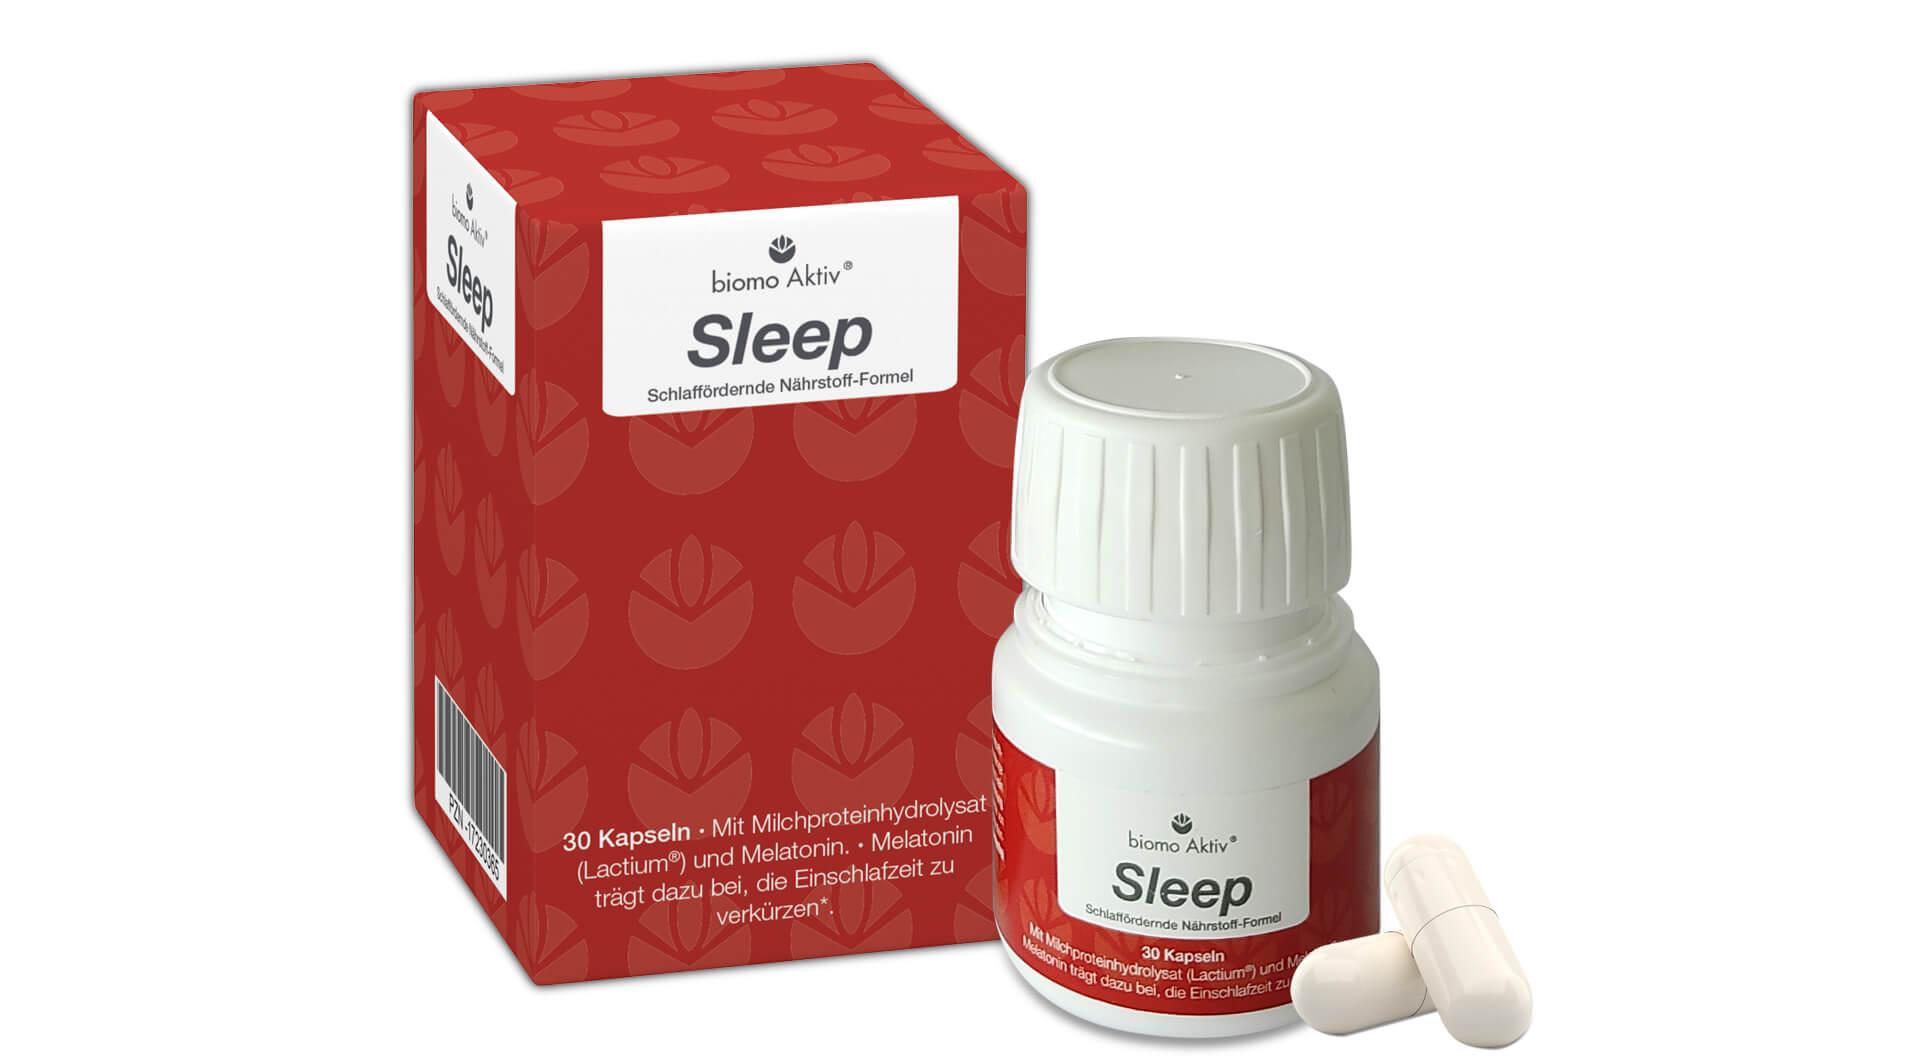 biomo Aktiv Sleep